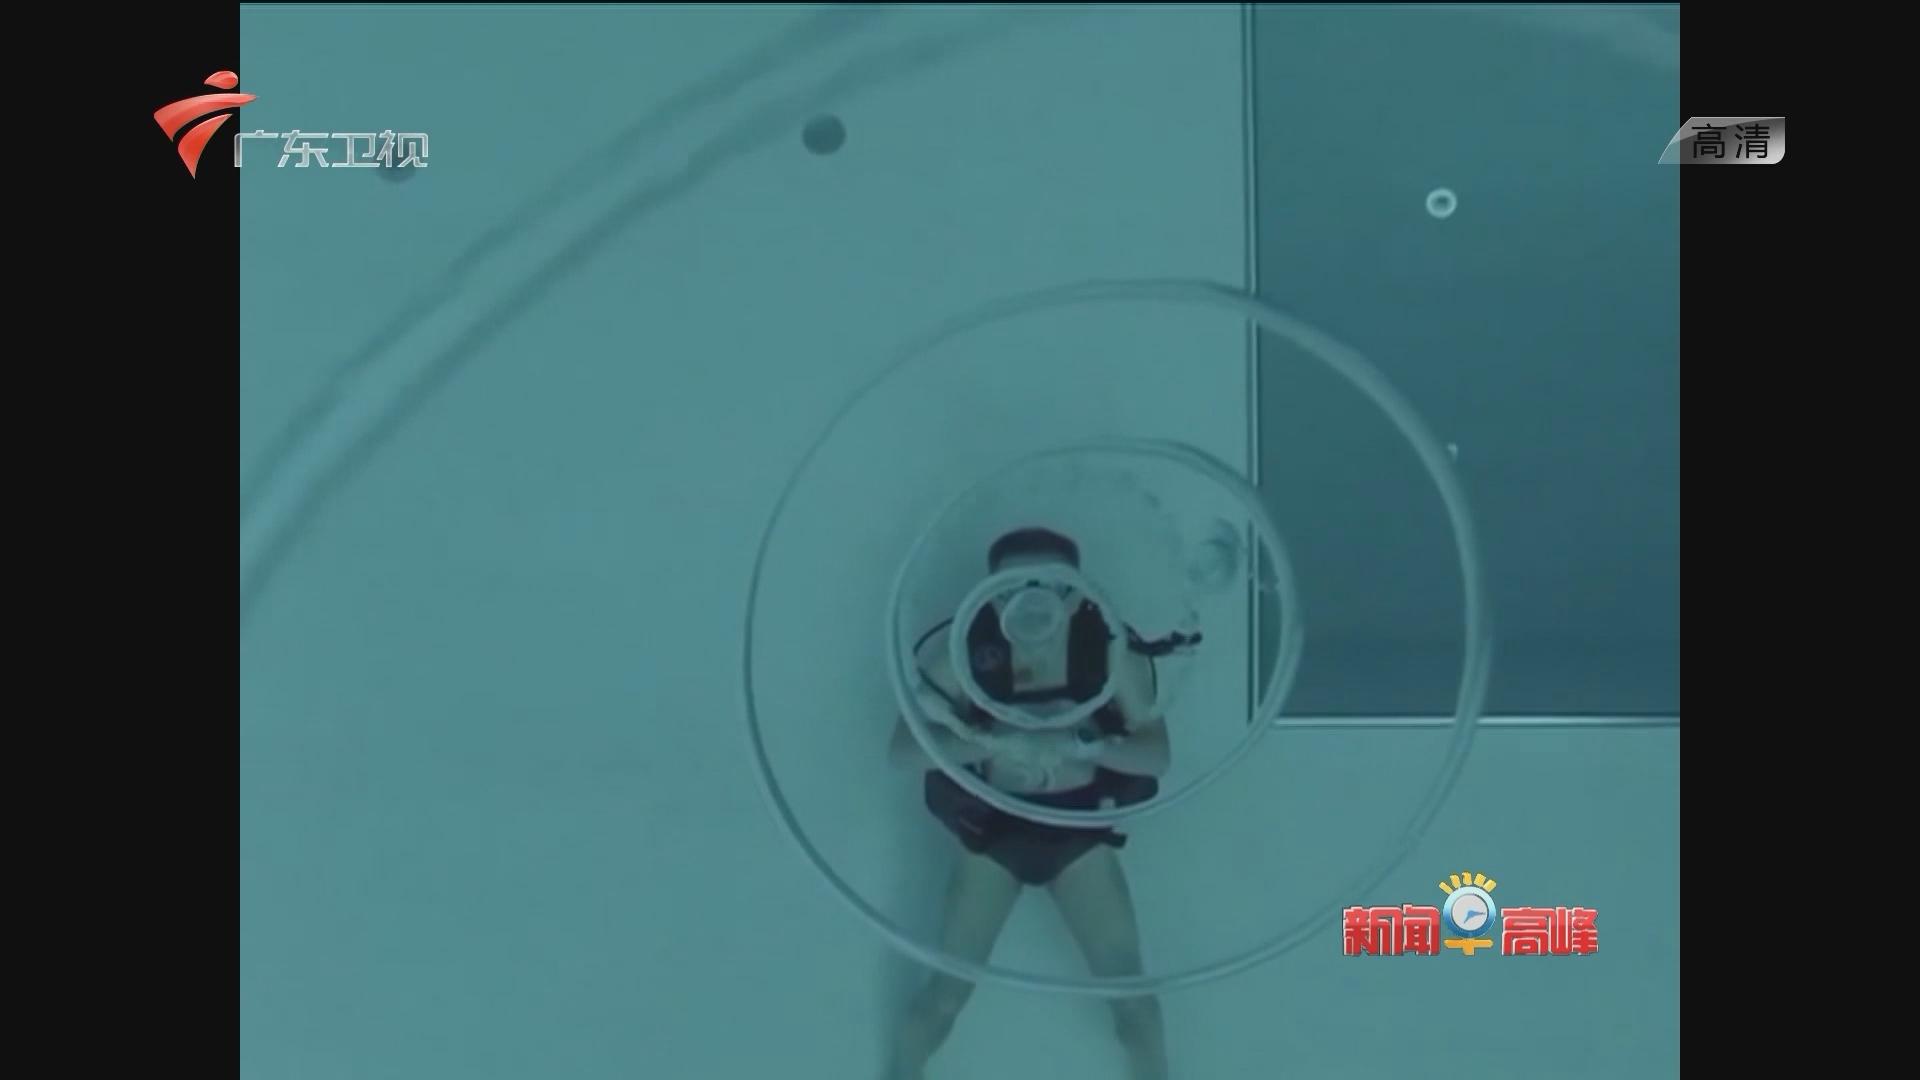 世界最深游泳池吸引潜水爱好者